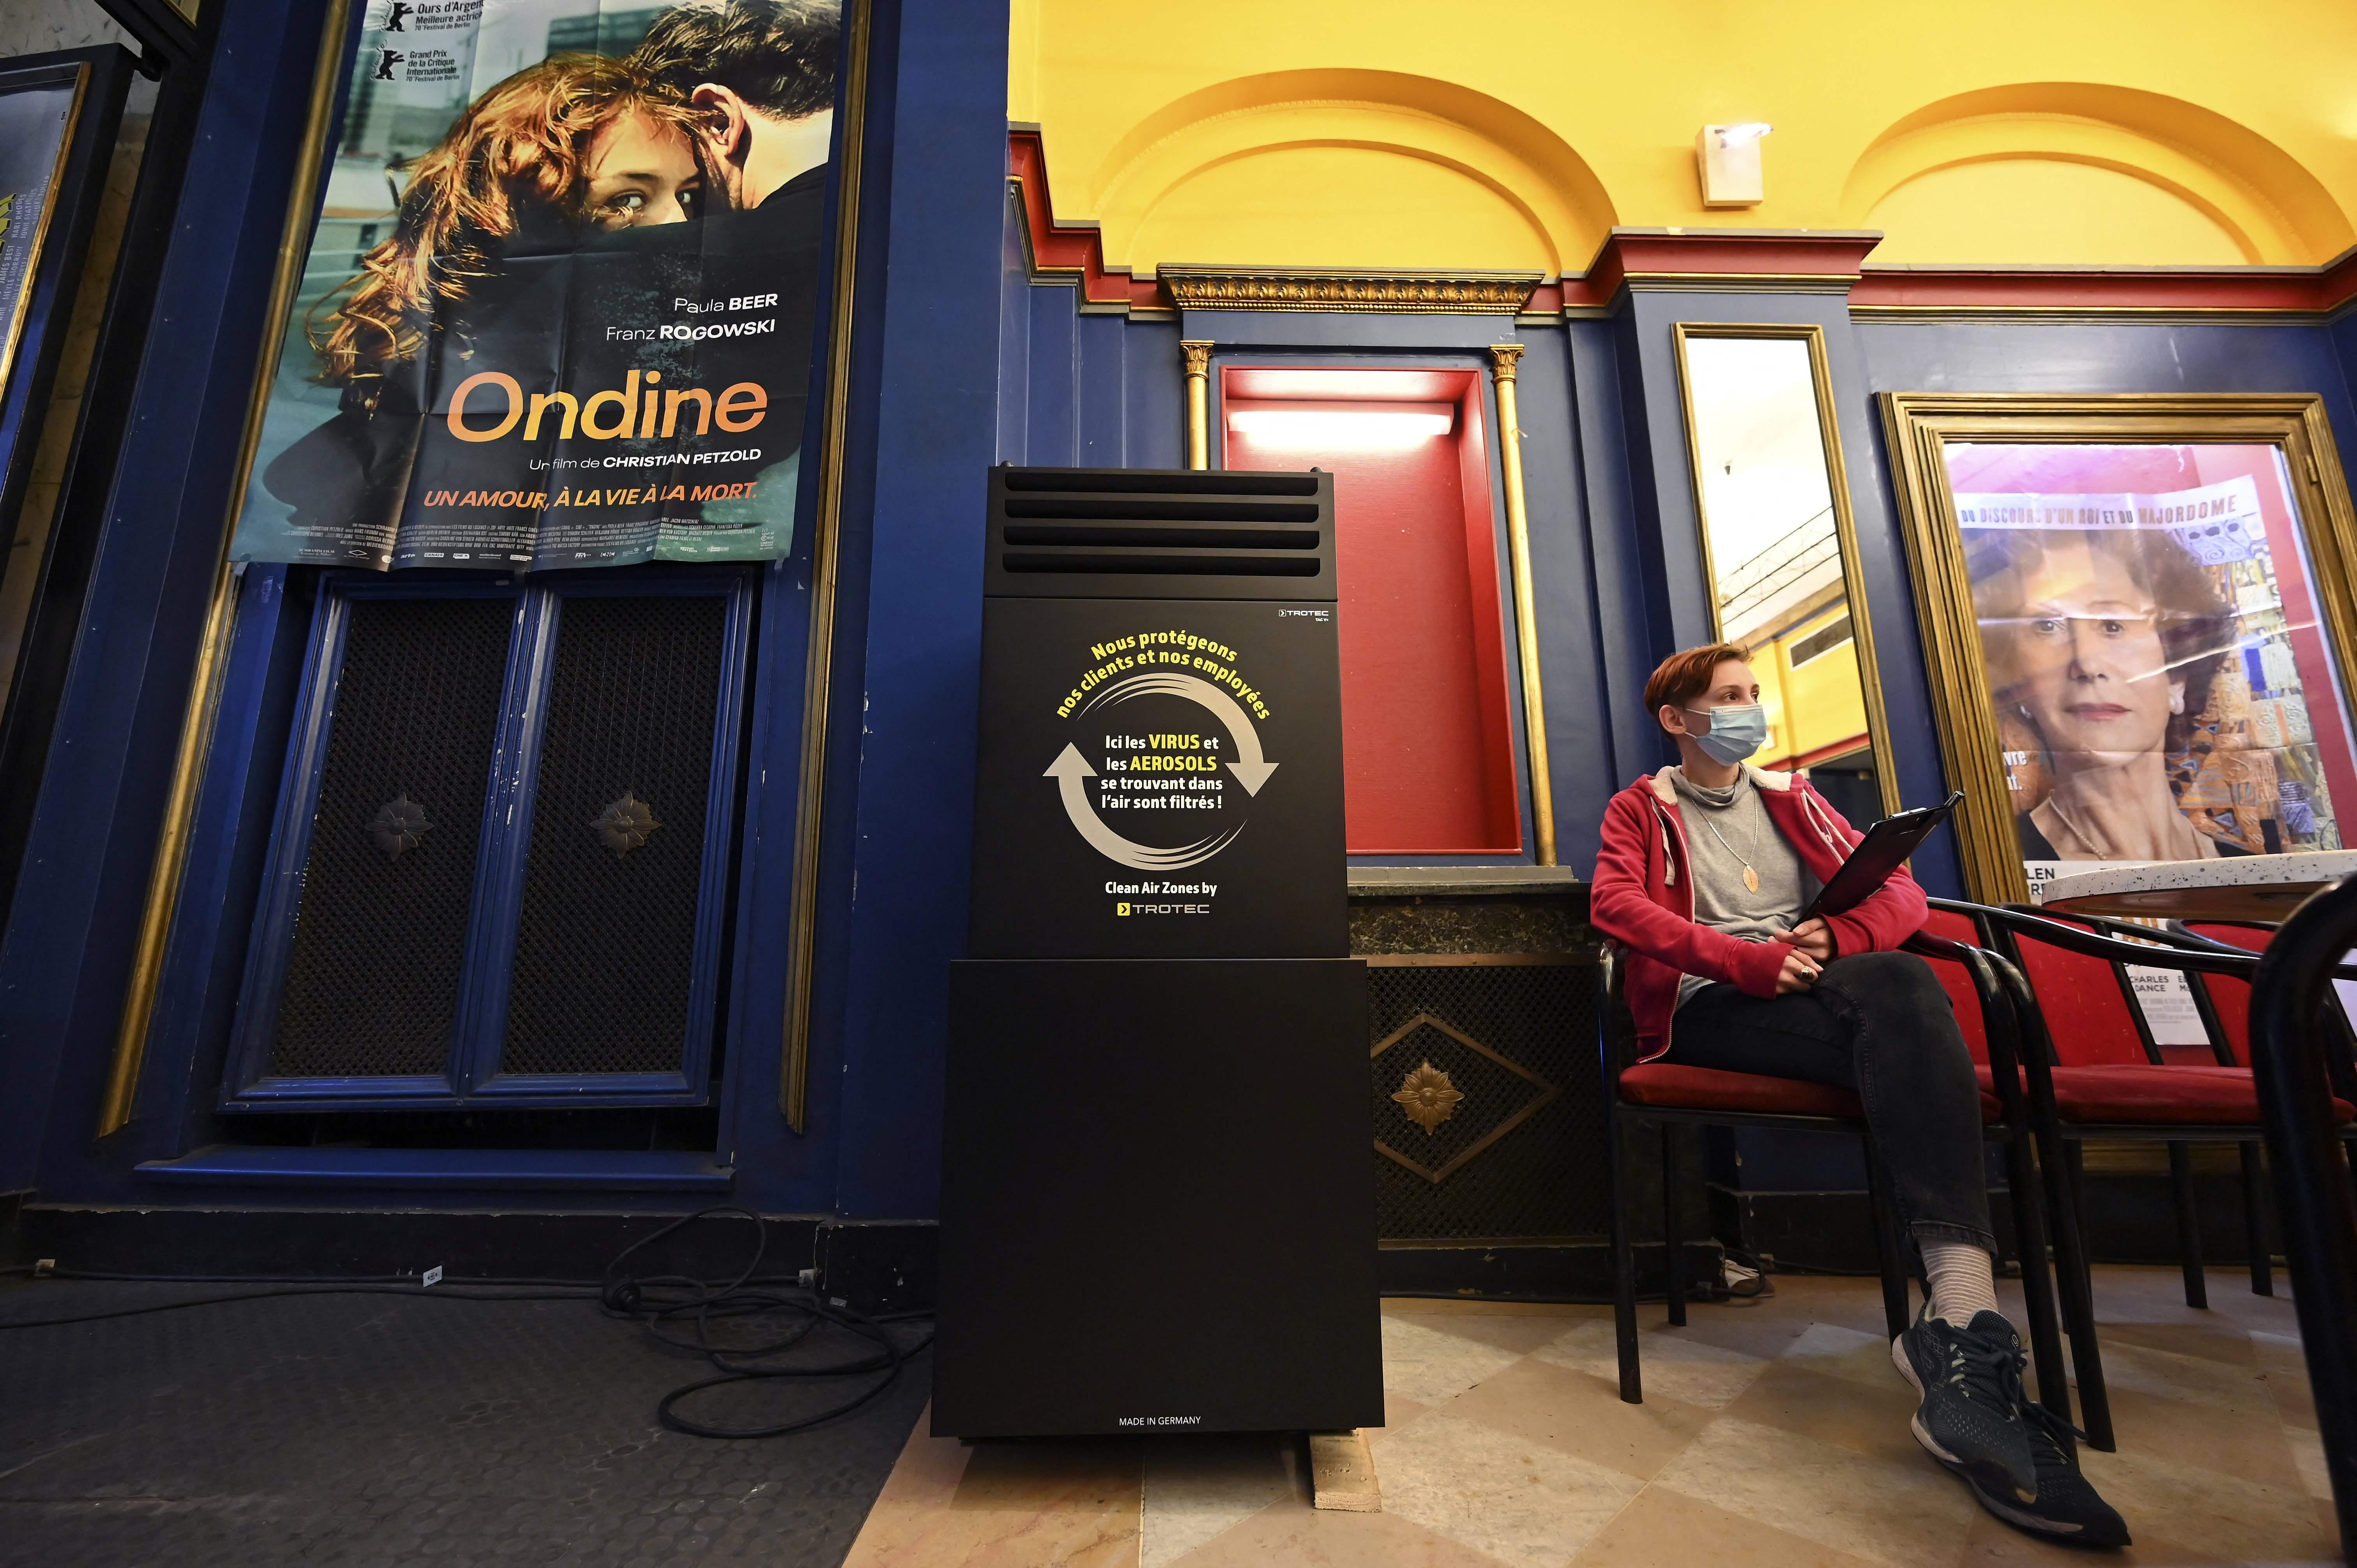 Des super-purificateurs d'air pour ramener les cinéphiles au cinéma